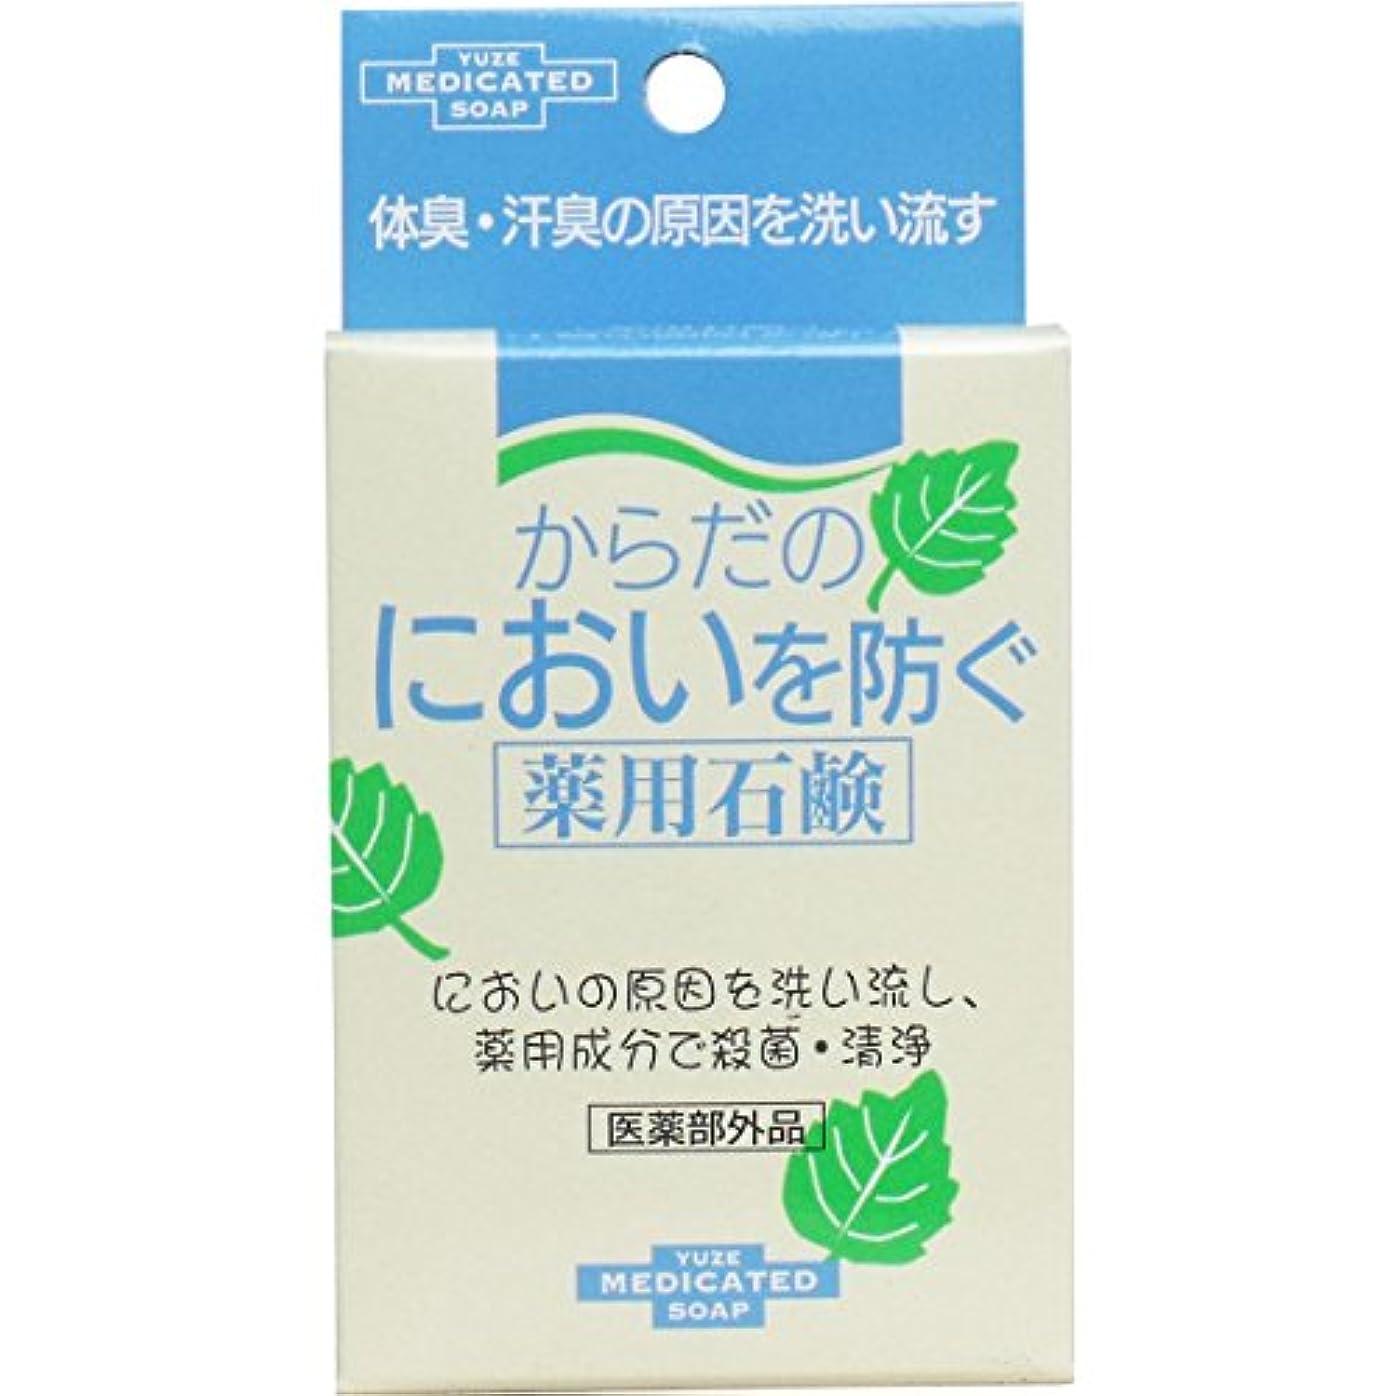 芝生カバー無駄にユゼ からだのにおいを防ぐ薬用石鹸 7セット